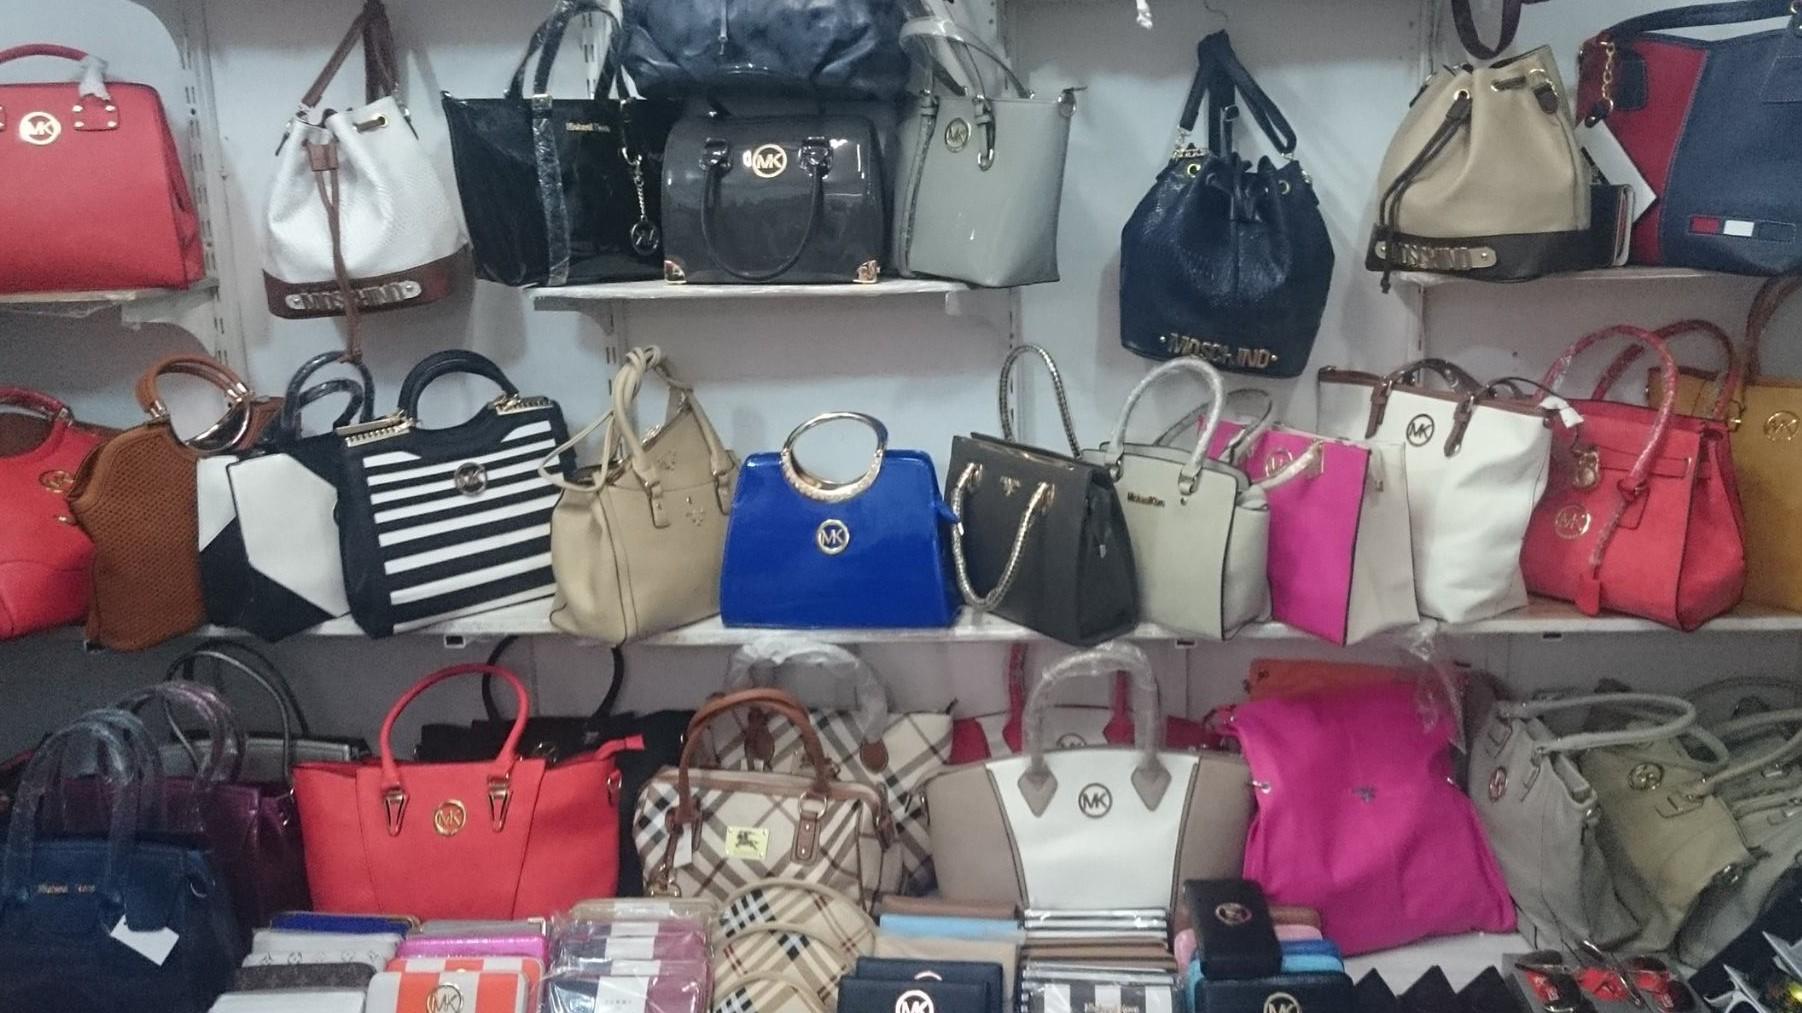 HENT: rengeteg fiatal vesz hamis terméket, mert olcsó   24.hu